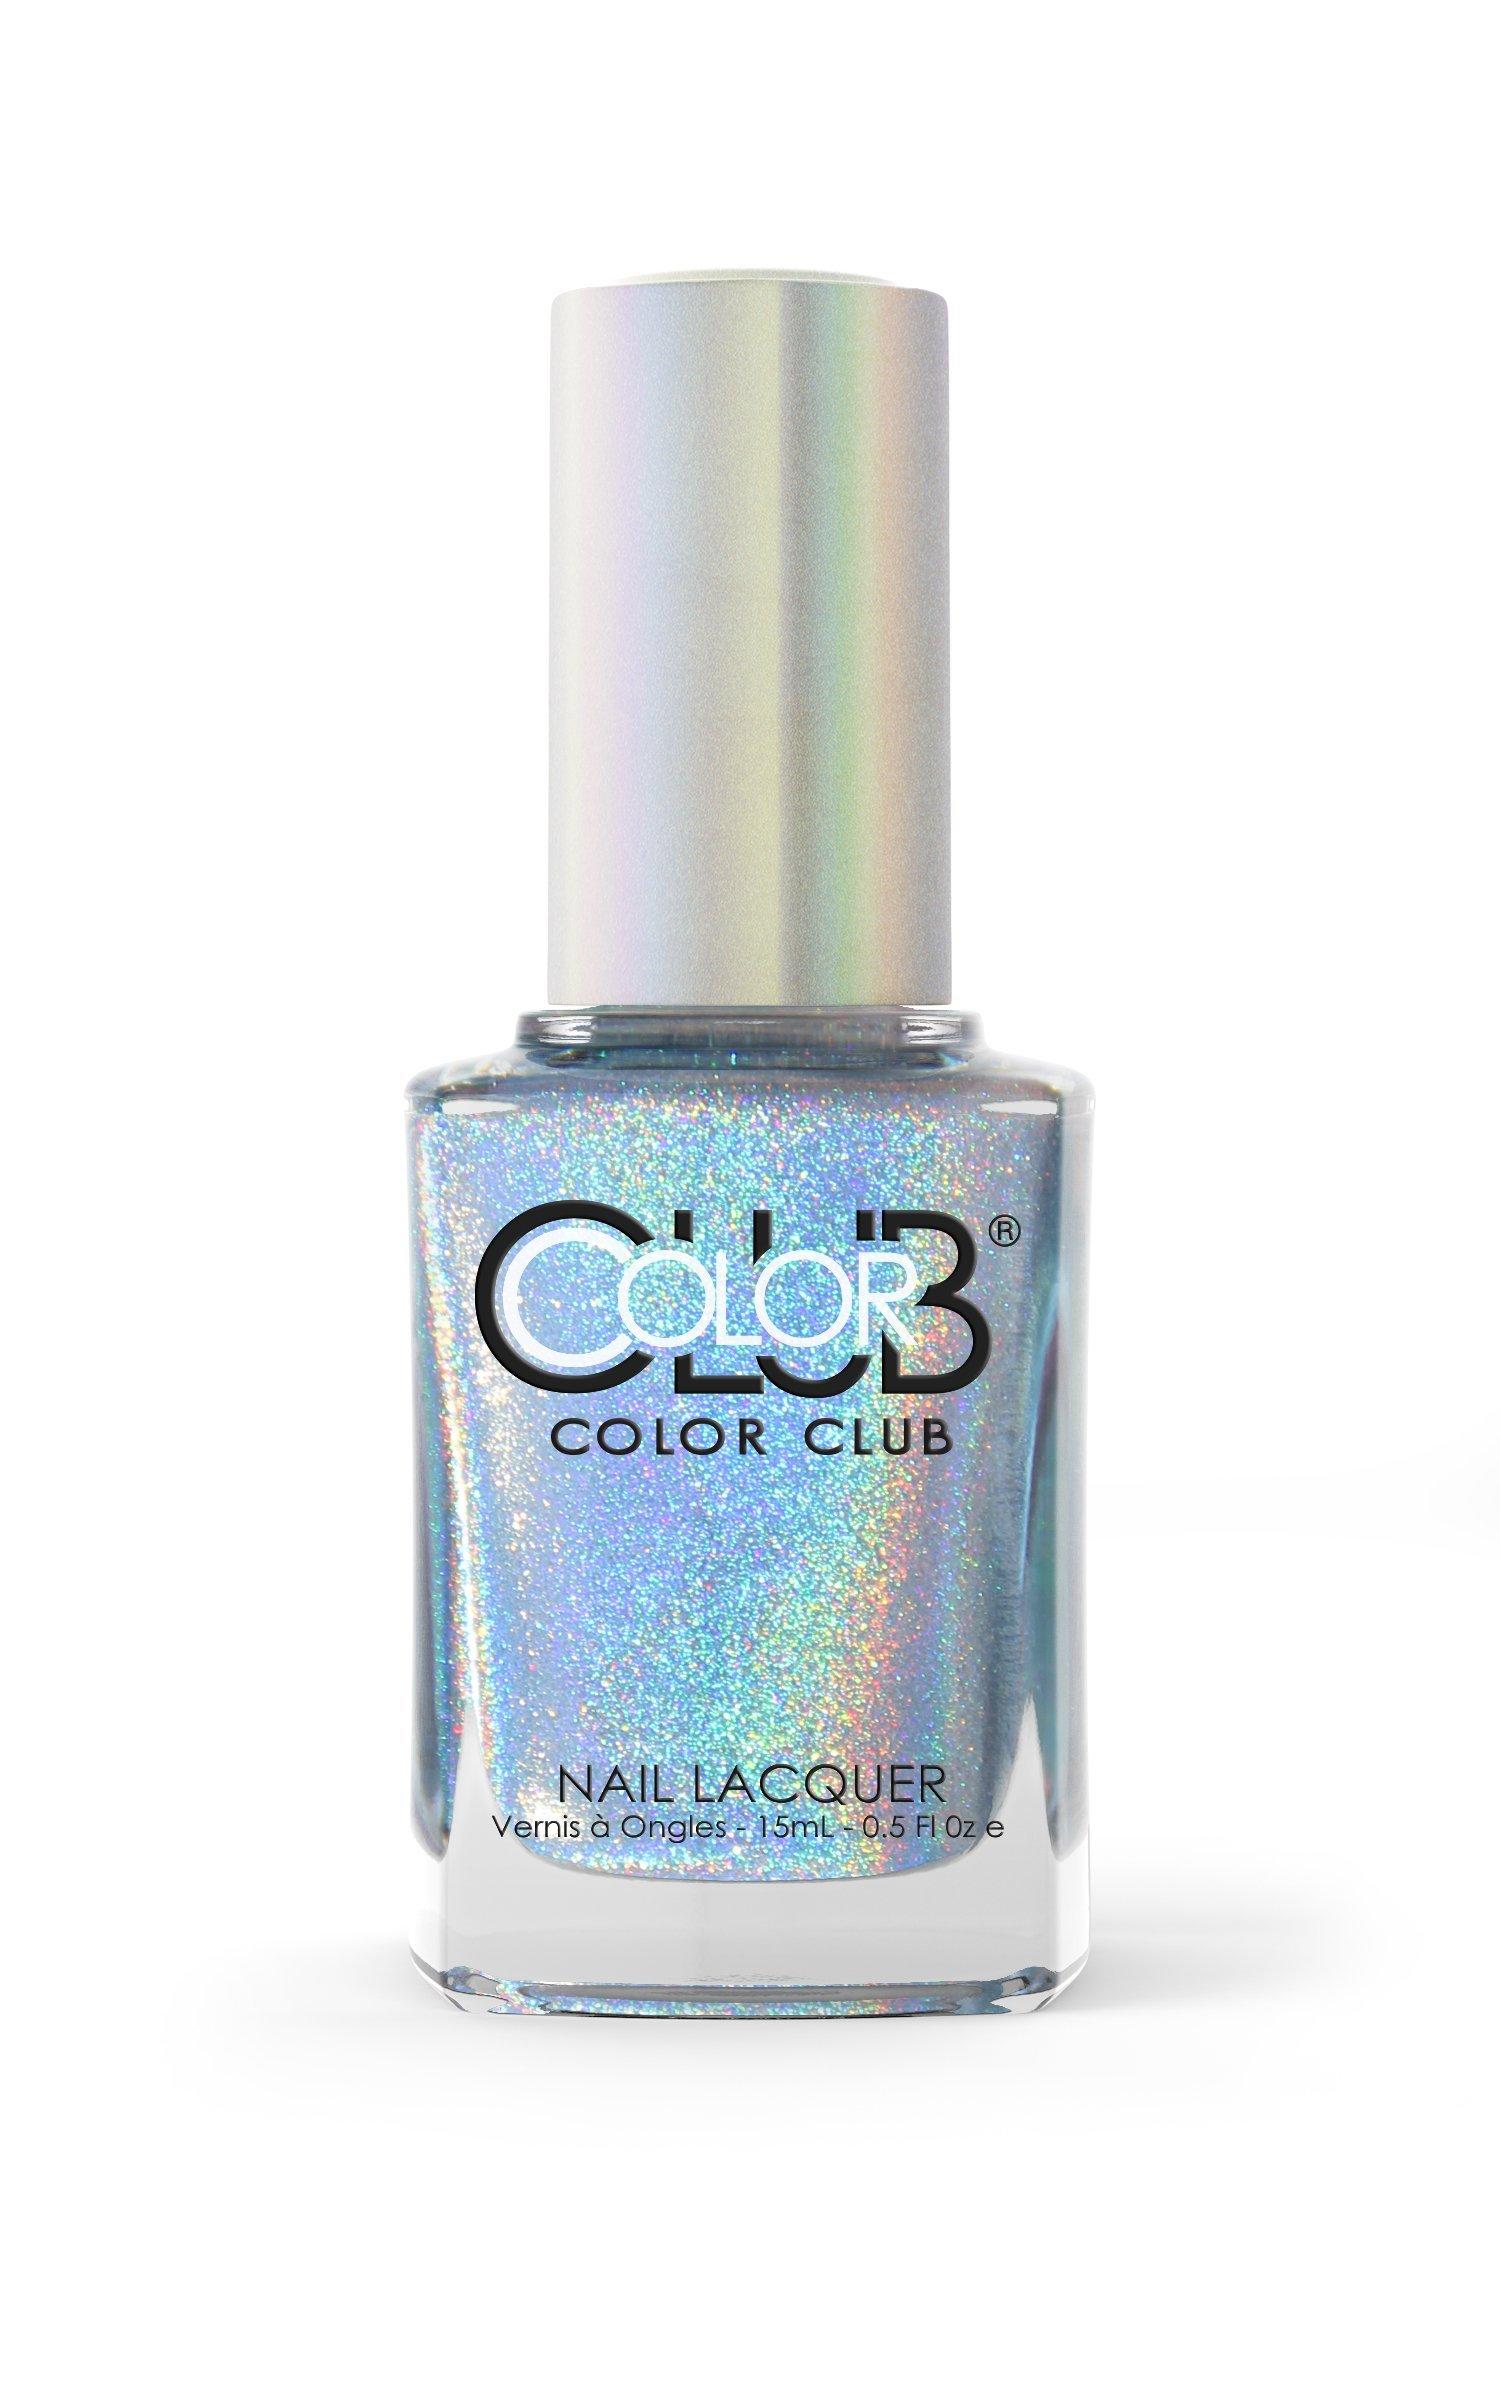 Color Club Blue Heaven Color Club Halo Huesnail Lacquer .5 Fl Ounce - 15 Ml, 0.5 fluid_ounces